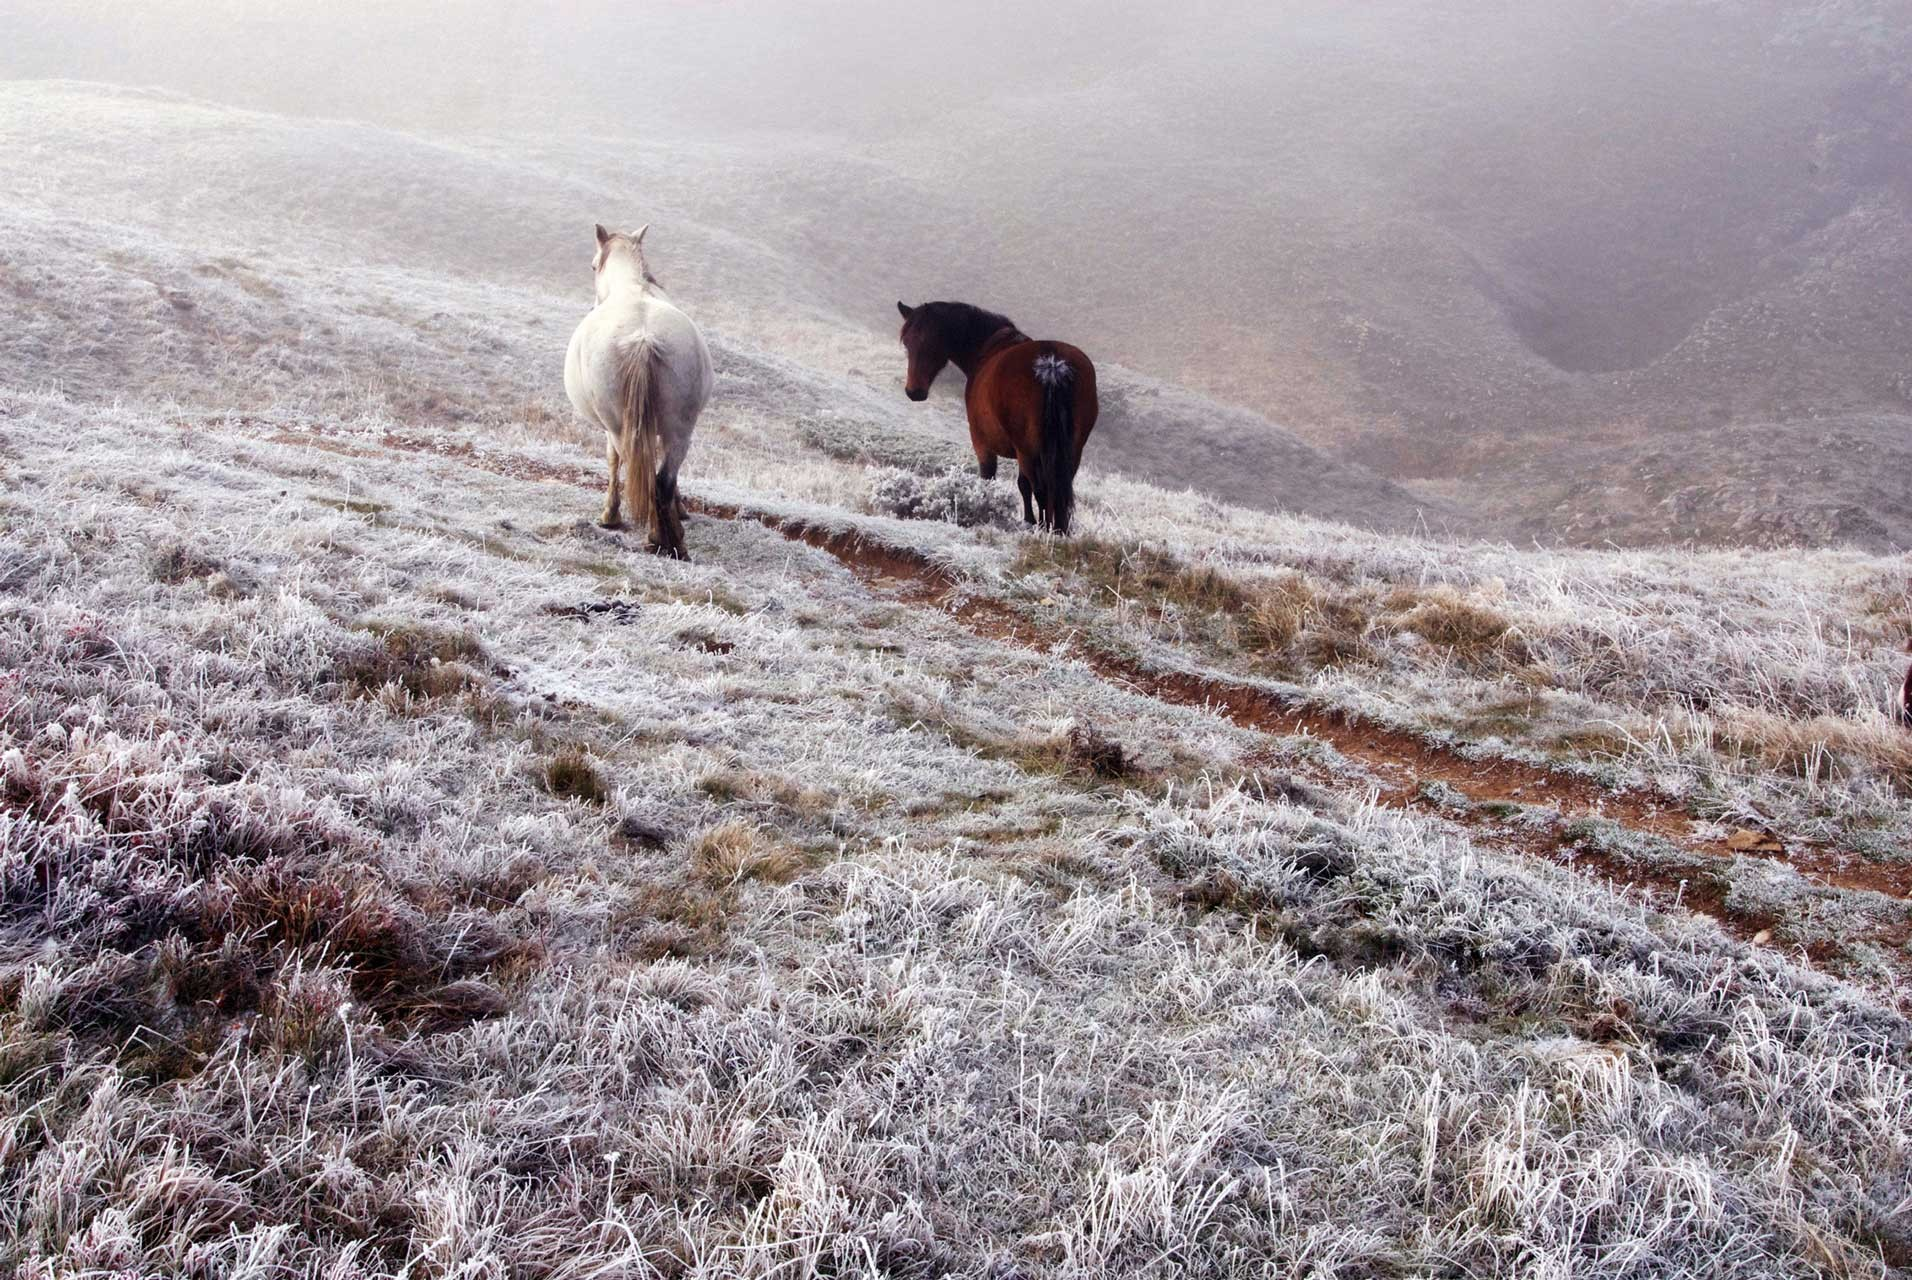 Laure-Maud_22_photographe_paysage_Vercors_Font-Urle_chevaux_01